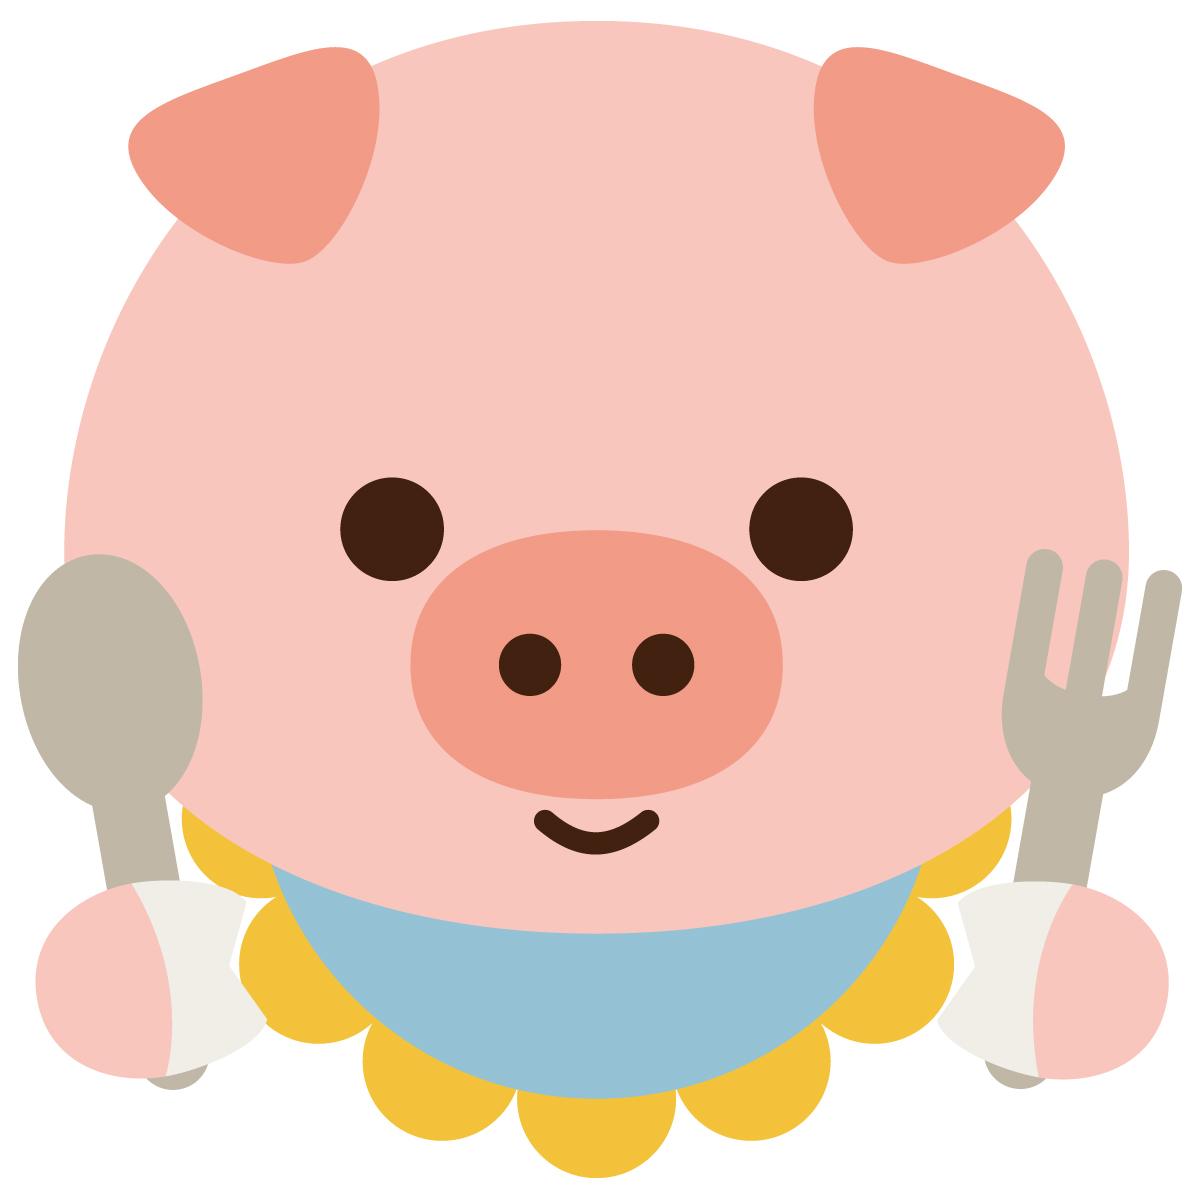 [危険] コンビニ弁当で奇形豚が続出。顔が2つの豚??